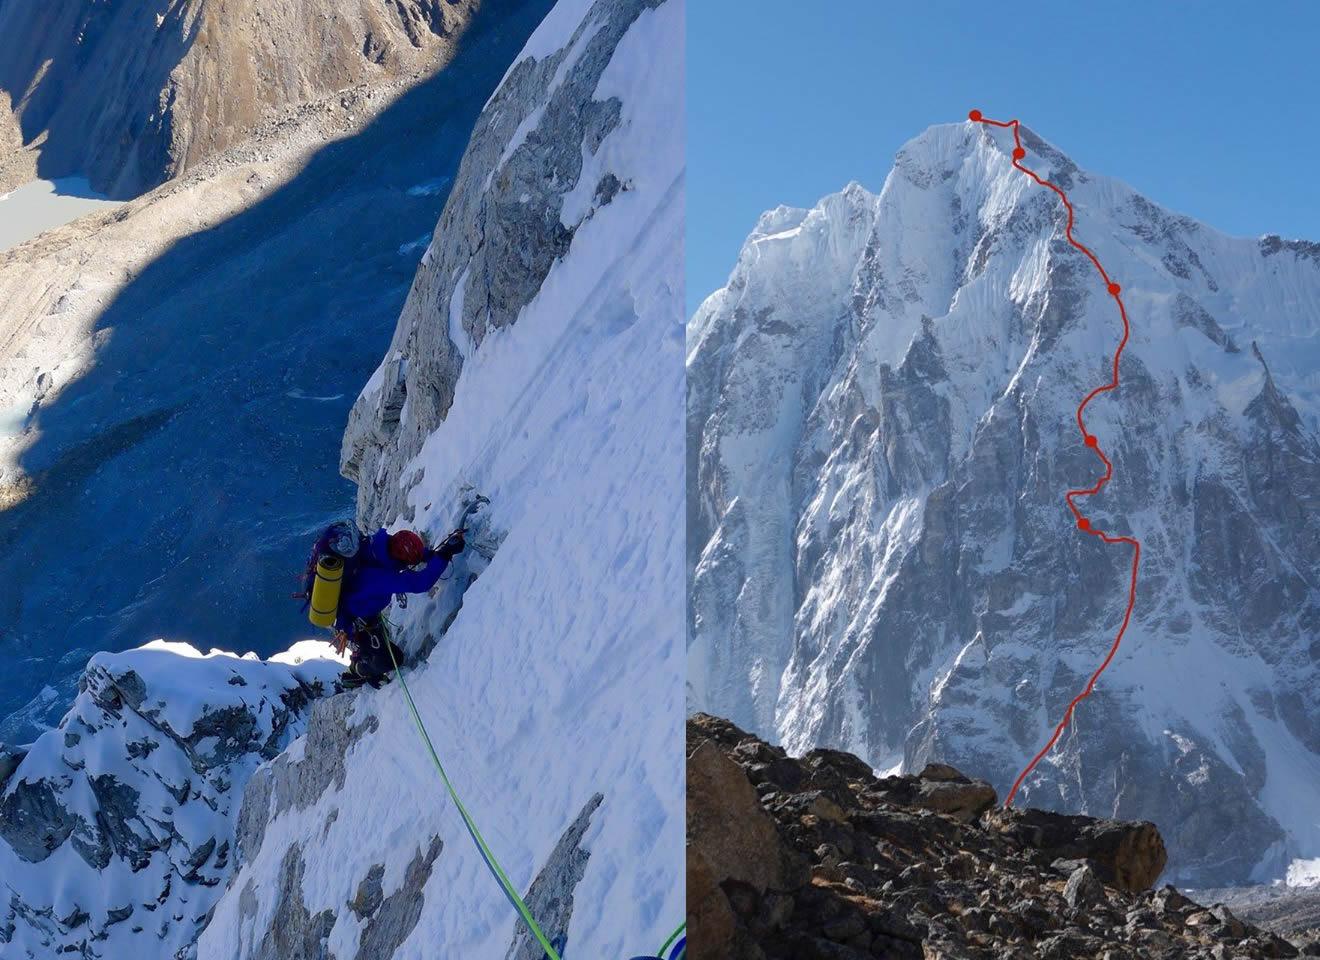 Mick Fowler et Paul Ramsden pour une première au Gave Ding 6400m, Nepal (ED+ 1,600m)